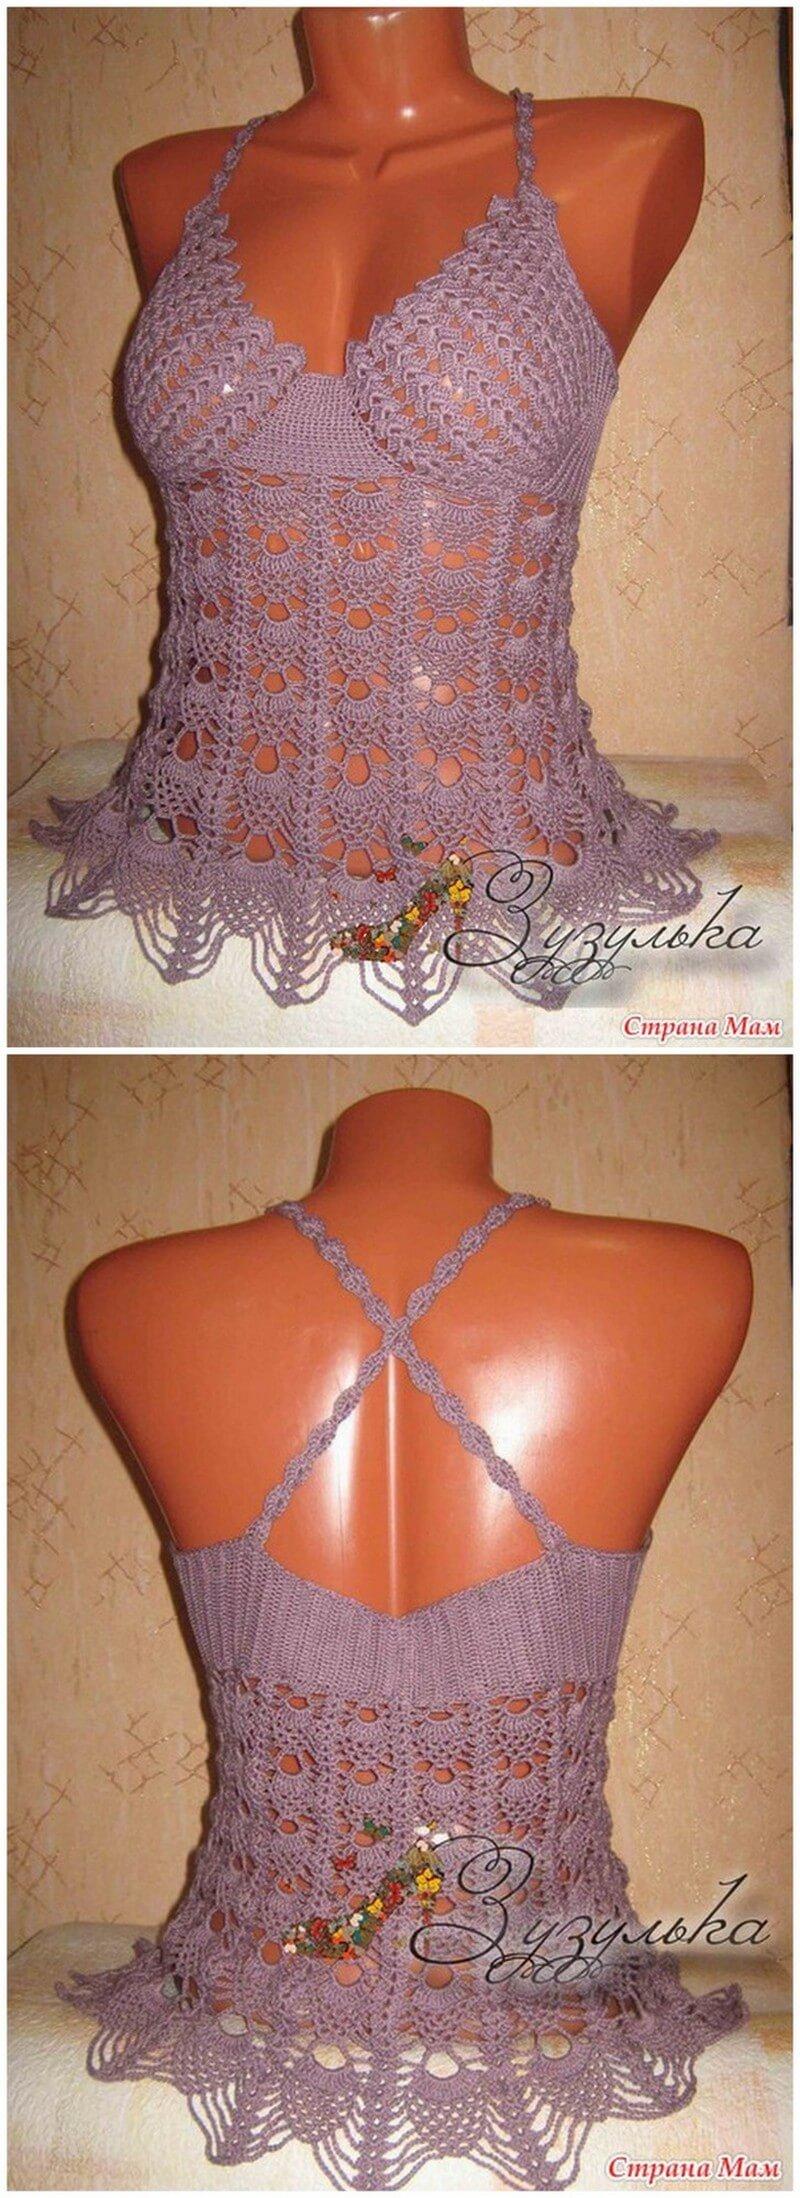 Crochet Top Pattern (49)